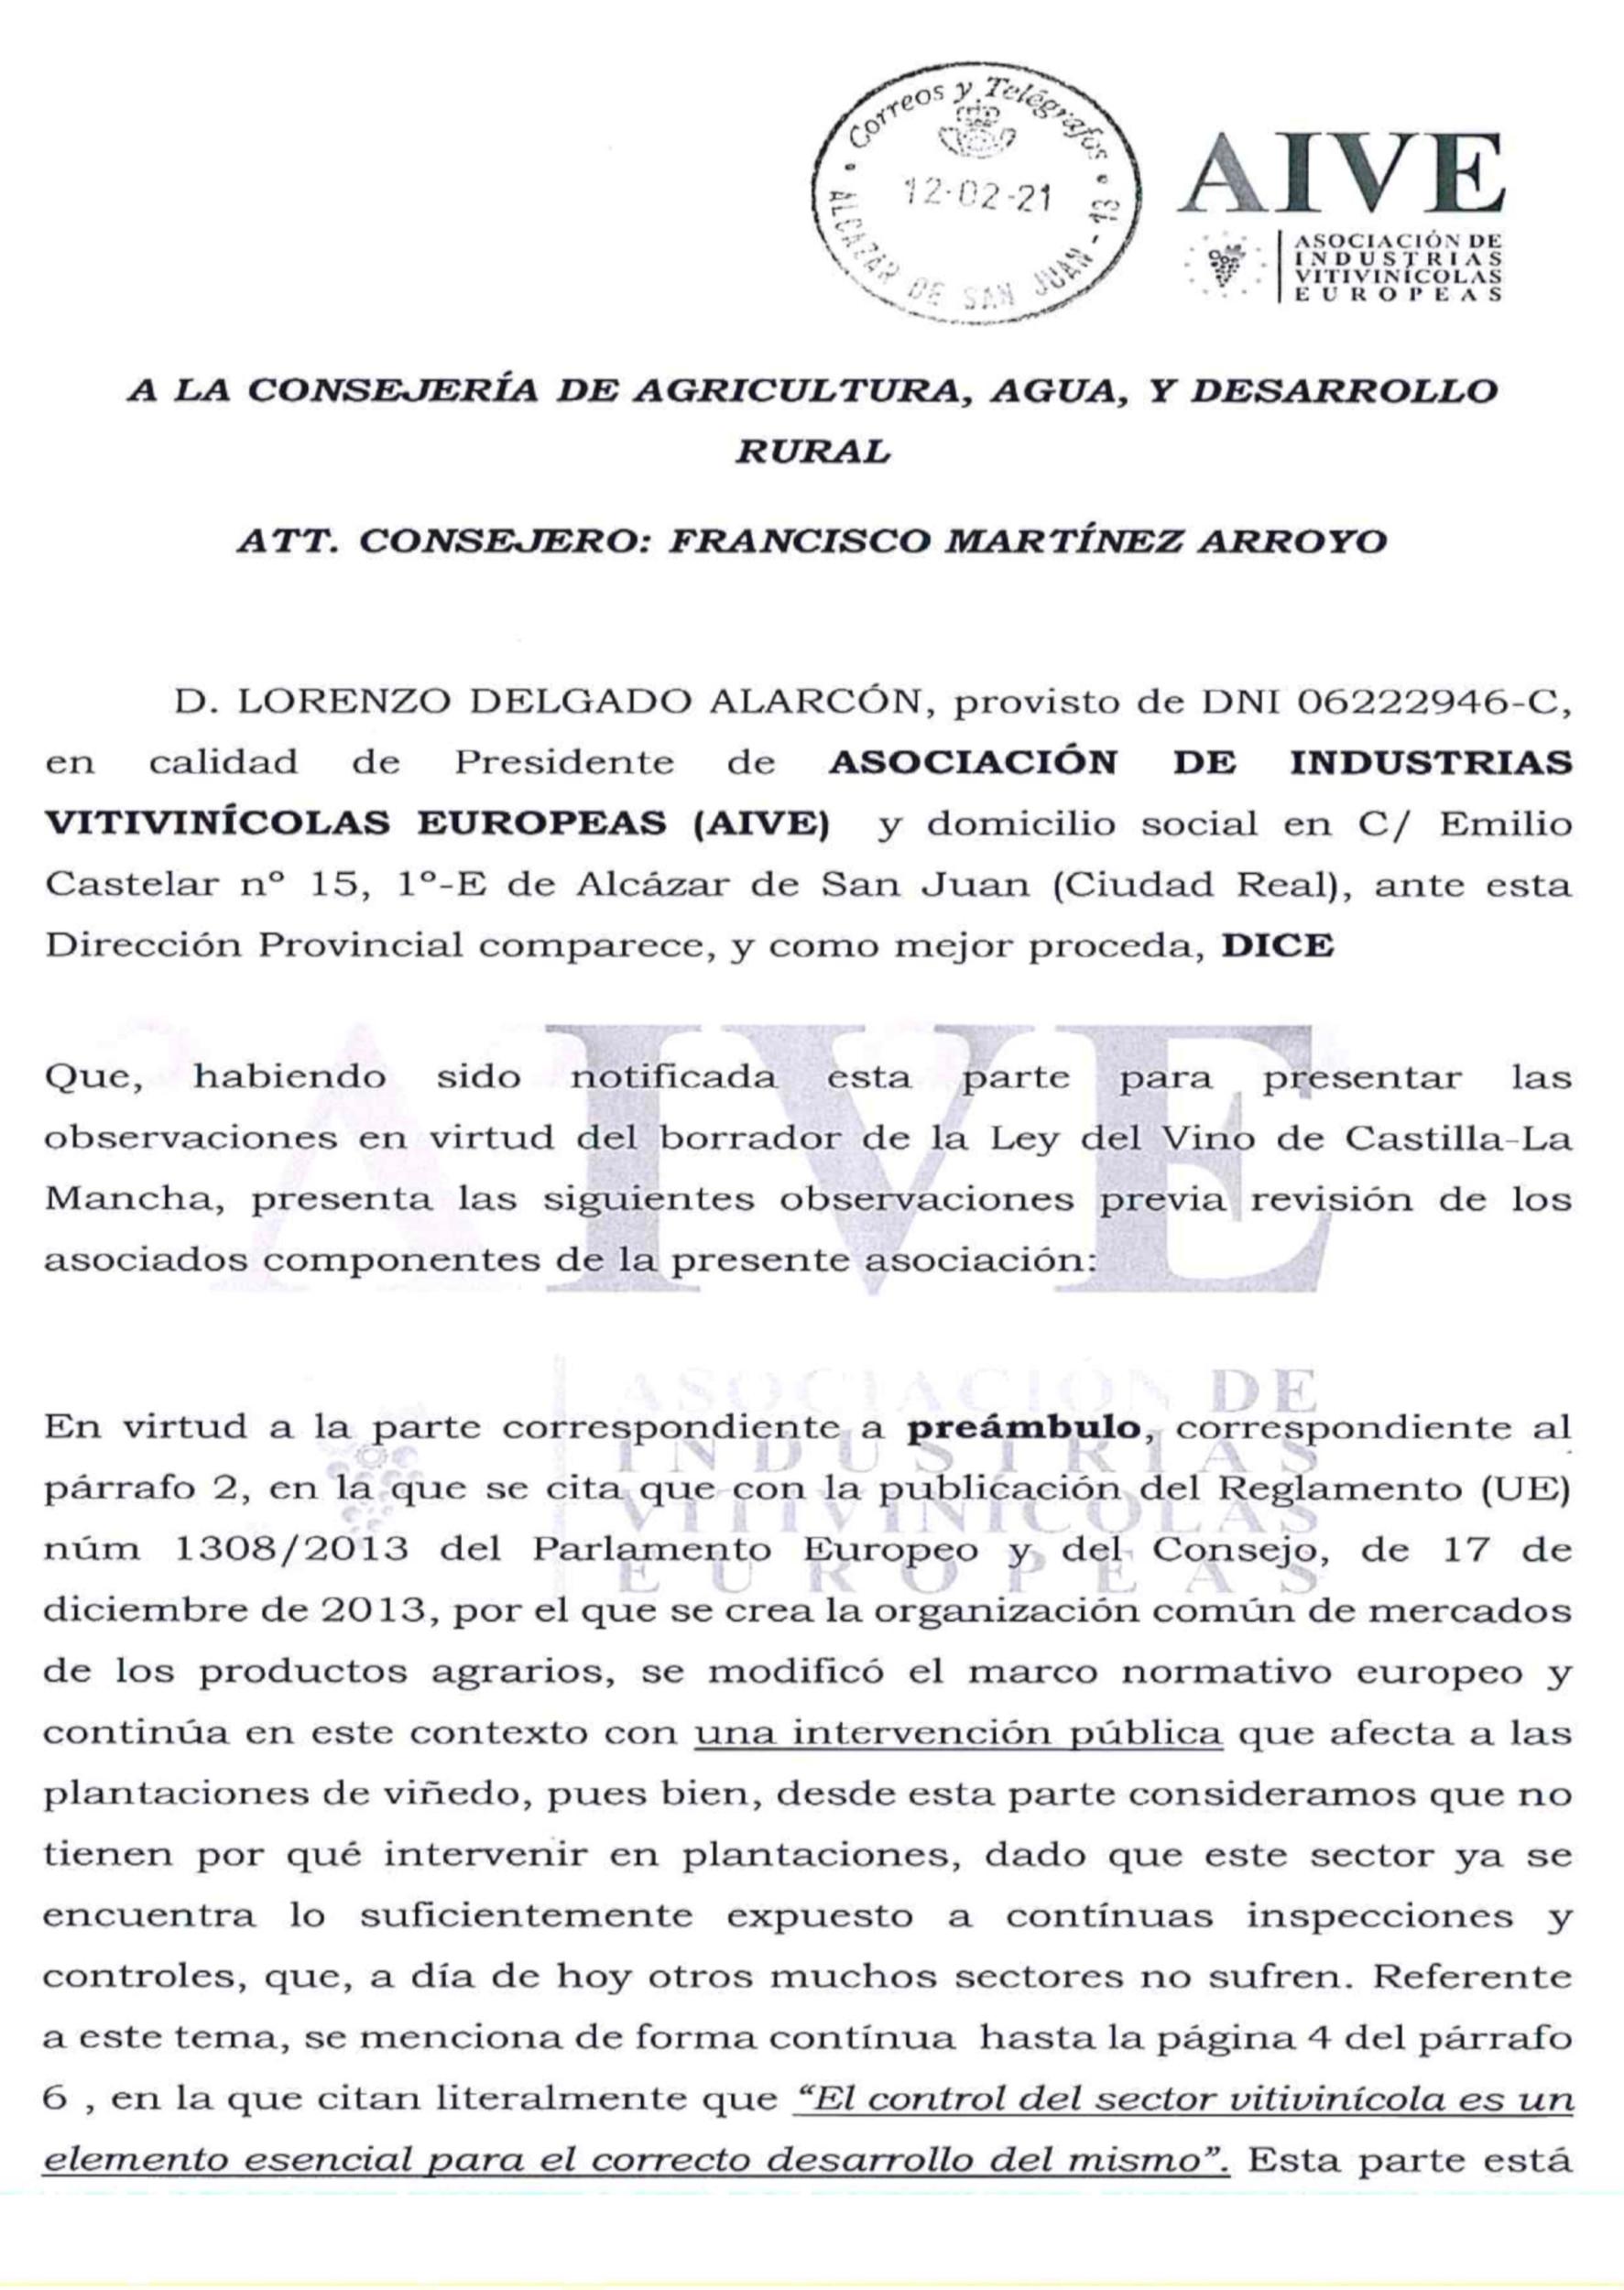 Observaciones prersentadas por AIVE al BORRADOR de la Ley de la Viña y el Vino.